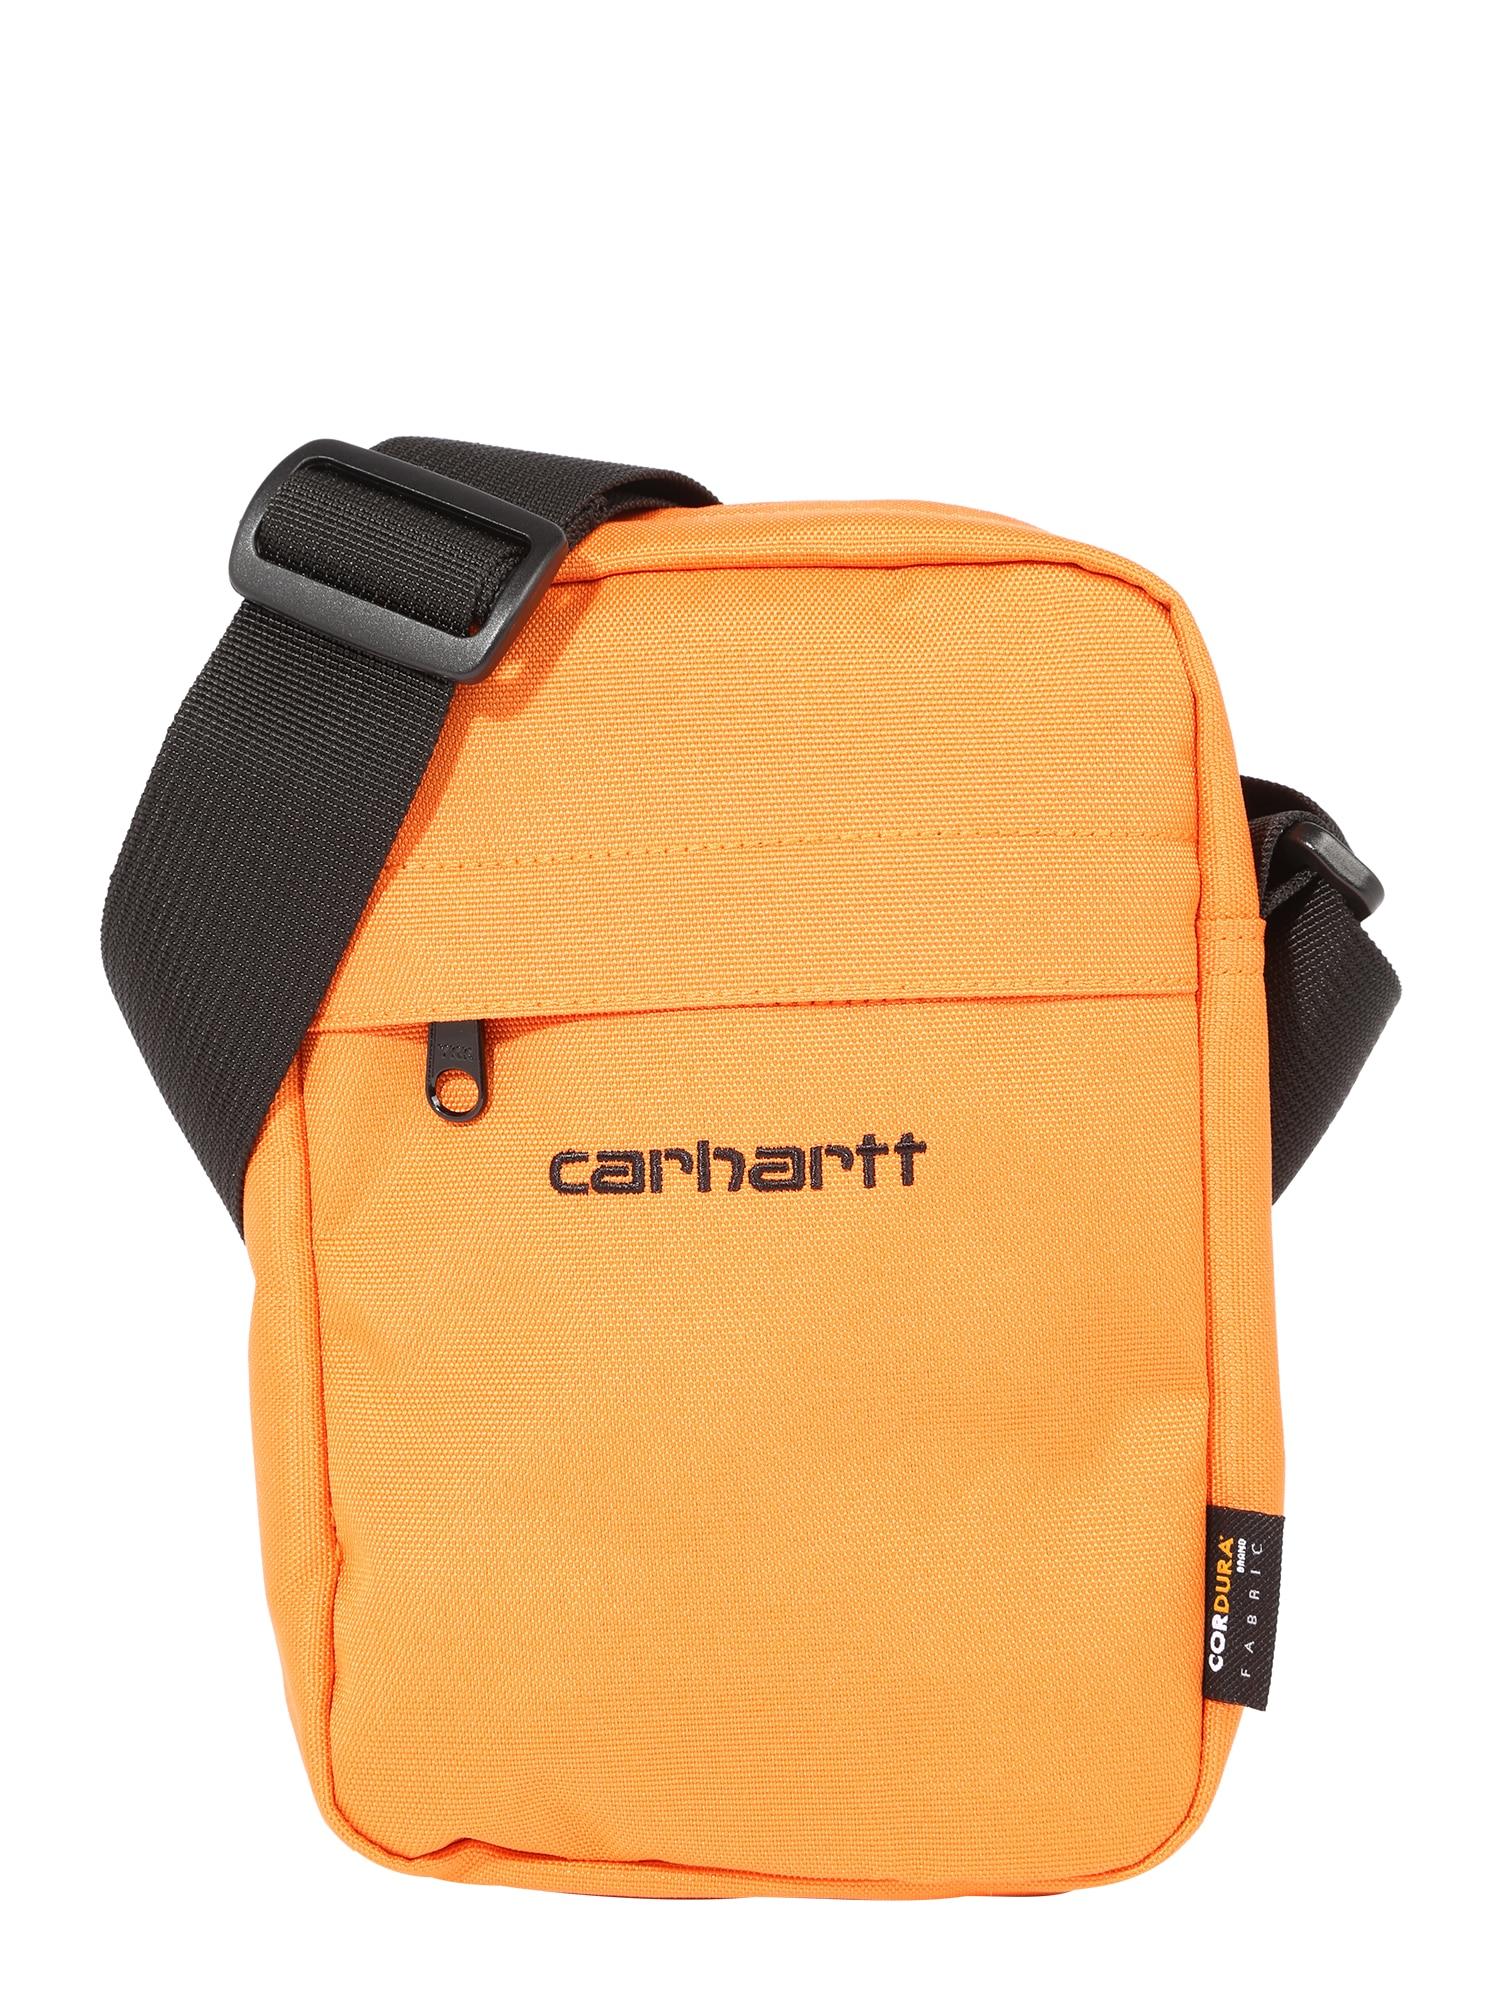 Carhartt WIP Rankinė su ilgu dirželiu oranžinė / juoda